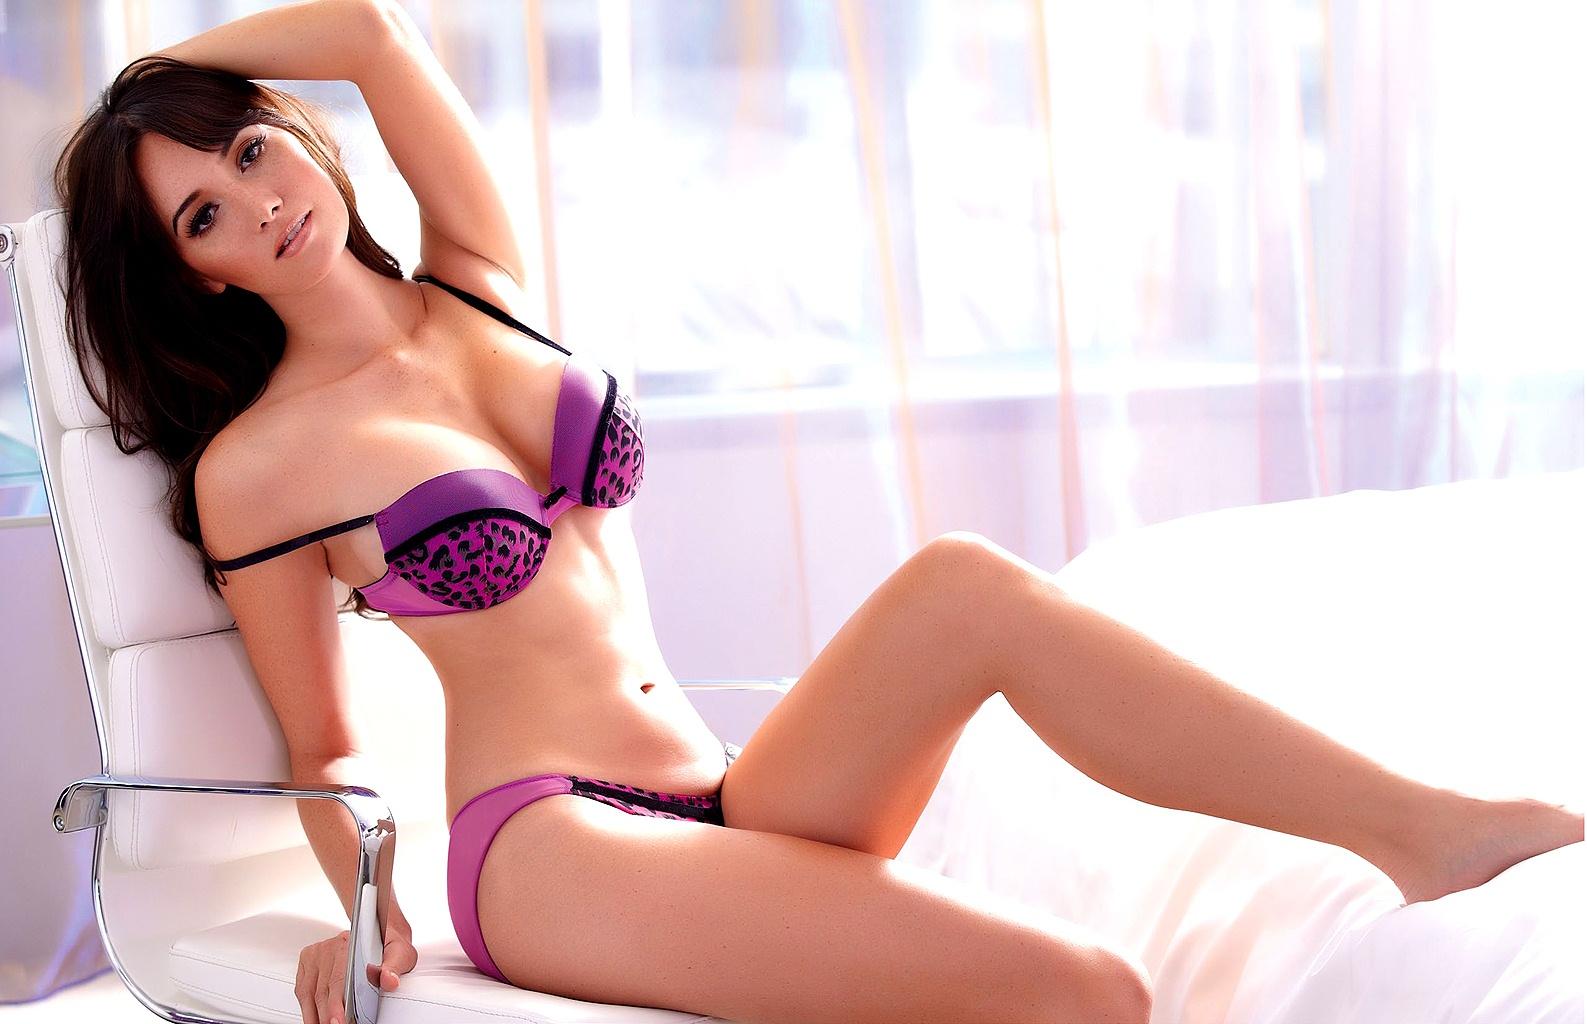 Fhm nude Mistress sick